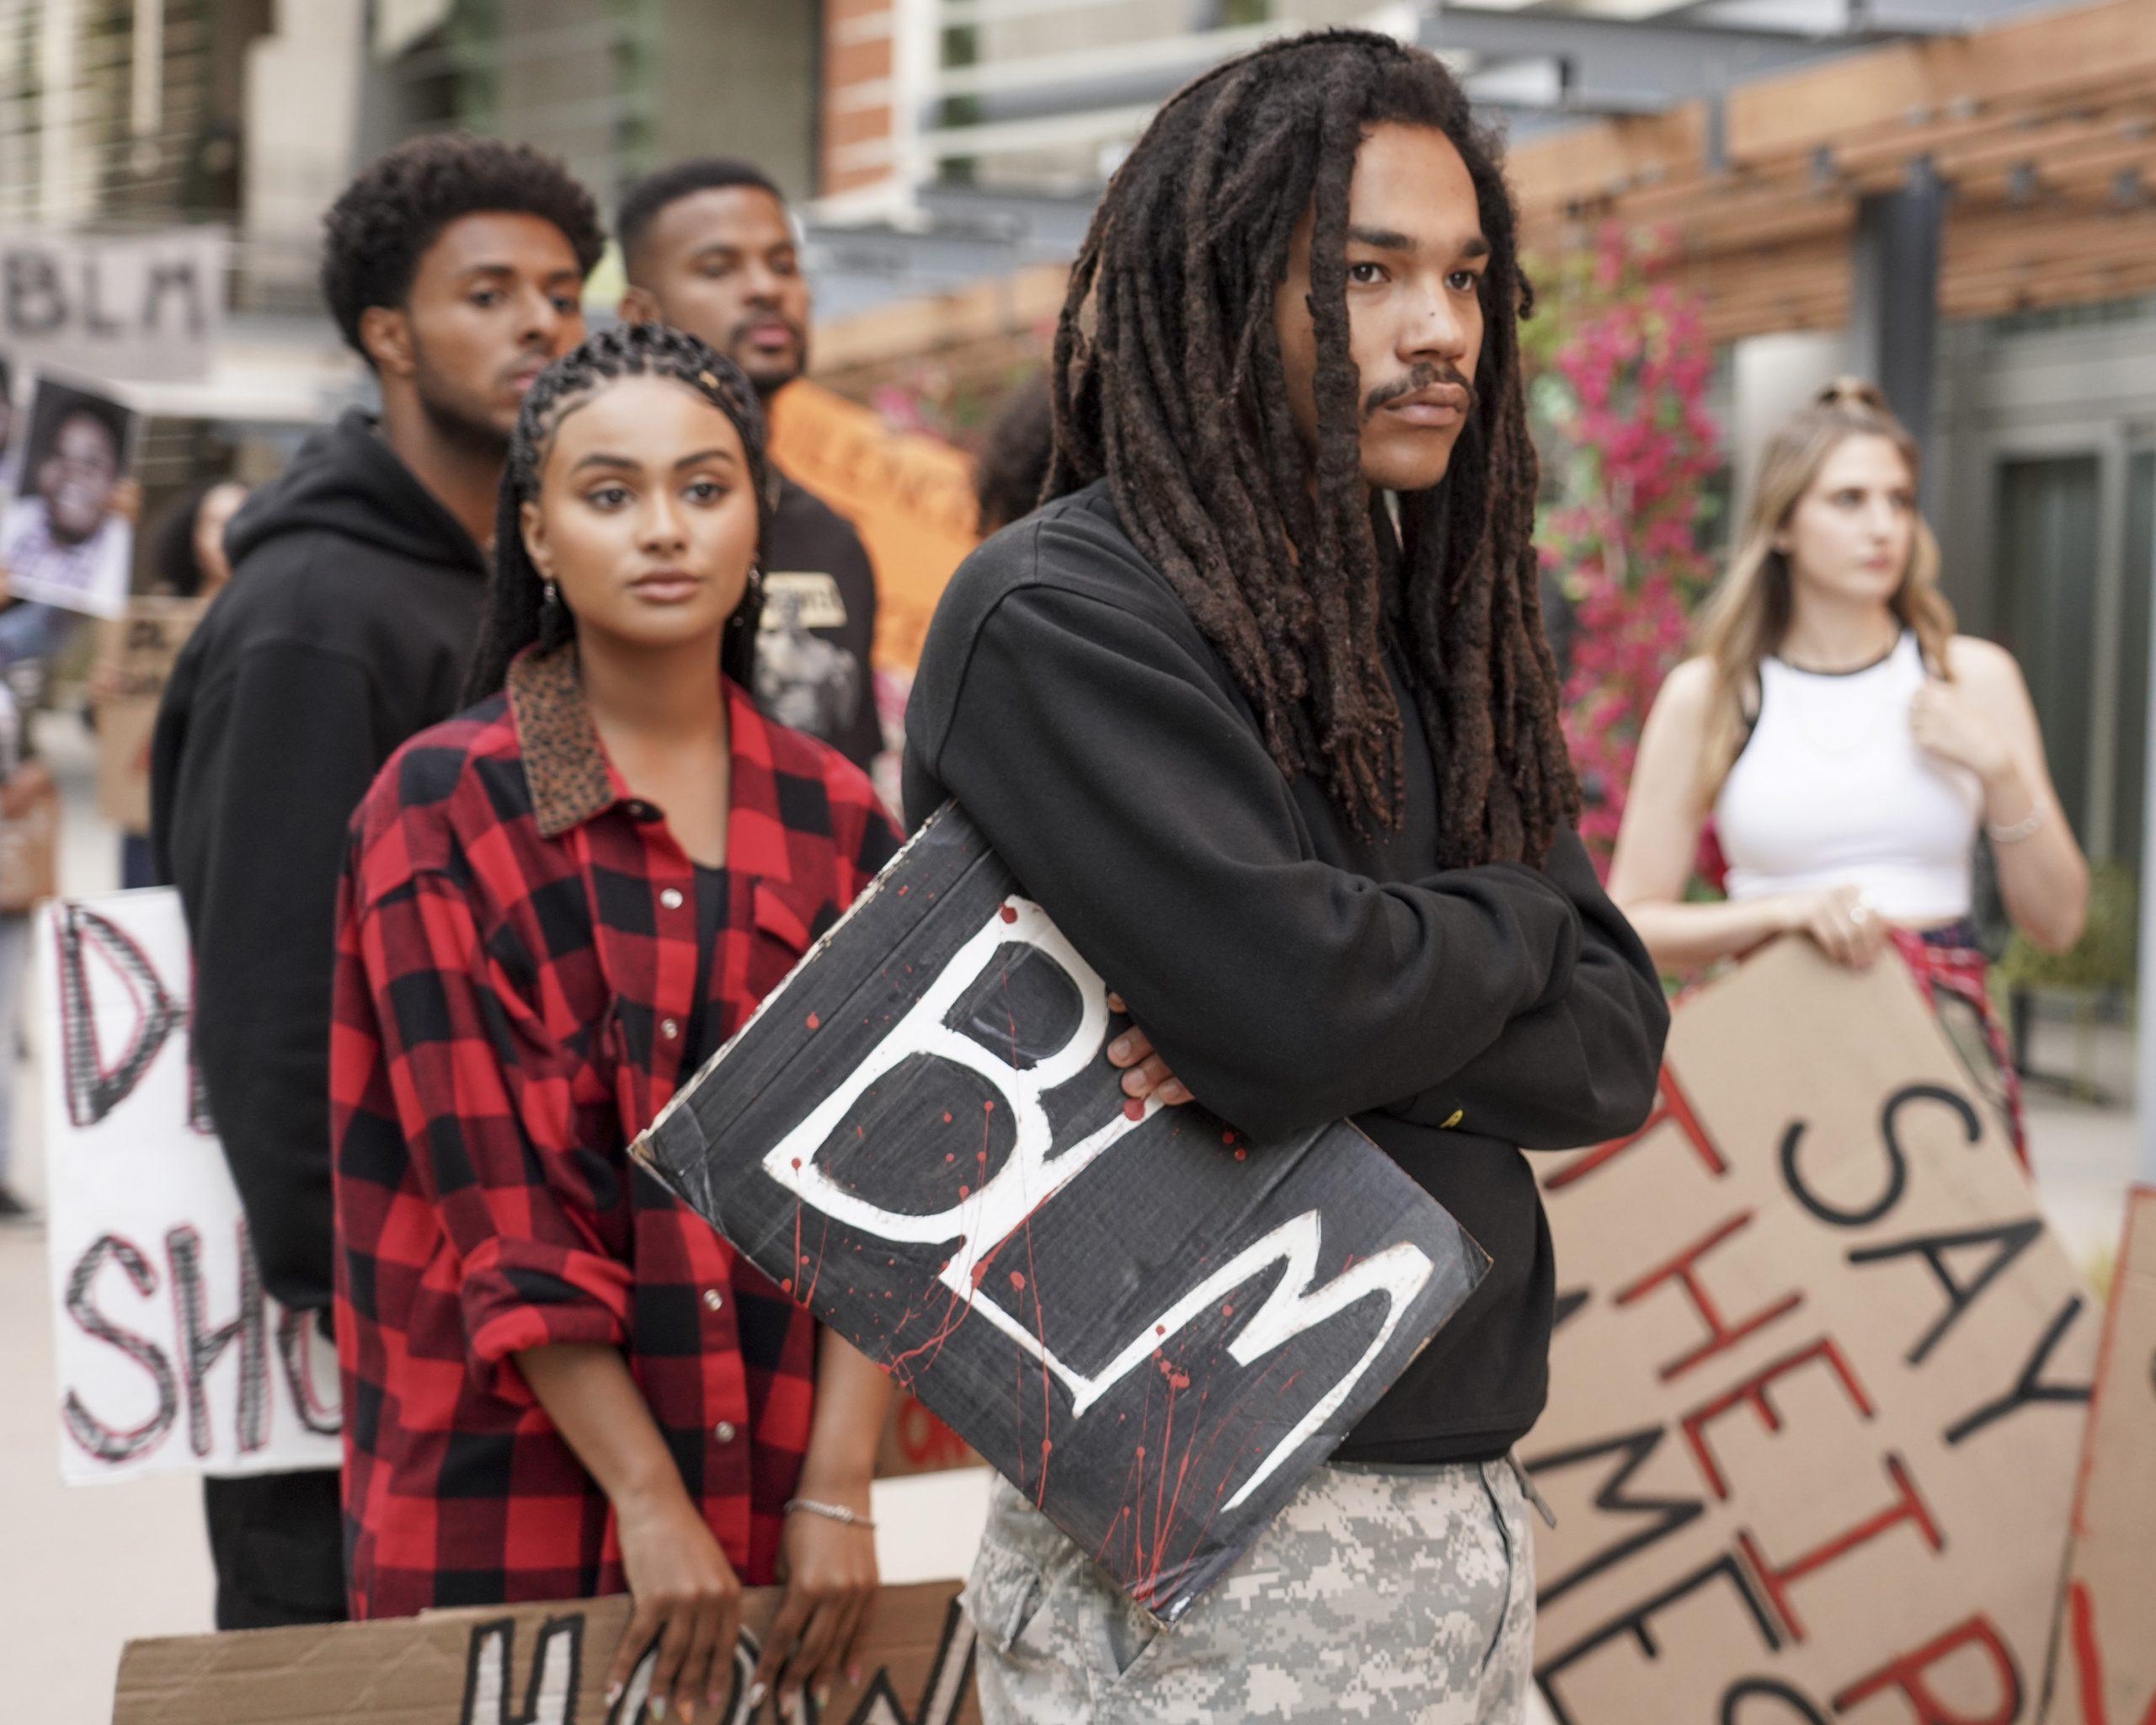 """Cena de grown-ish. Nela está centralizado um garoto negro, de cabelo em dreads, usando um moletom preto. Ele tem os braços cruzados e segura uma placa preta com """"BLM"""" escrito dentro, na cor branca. Atrás, em uma imagem embaçada, é possível ver outros protestantes segurando também placas."""